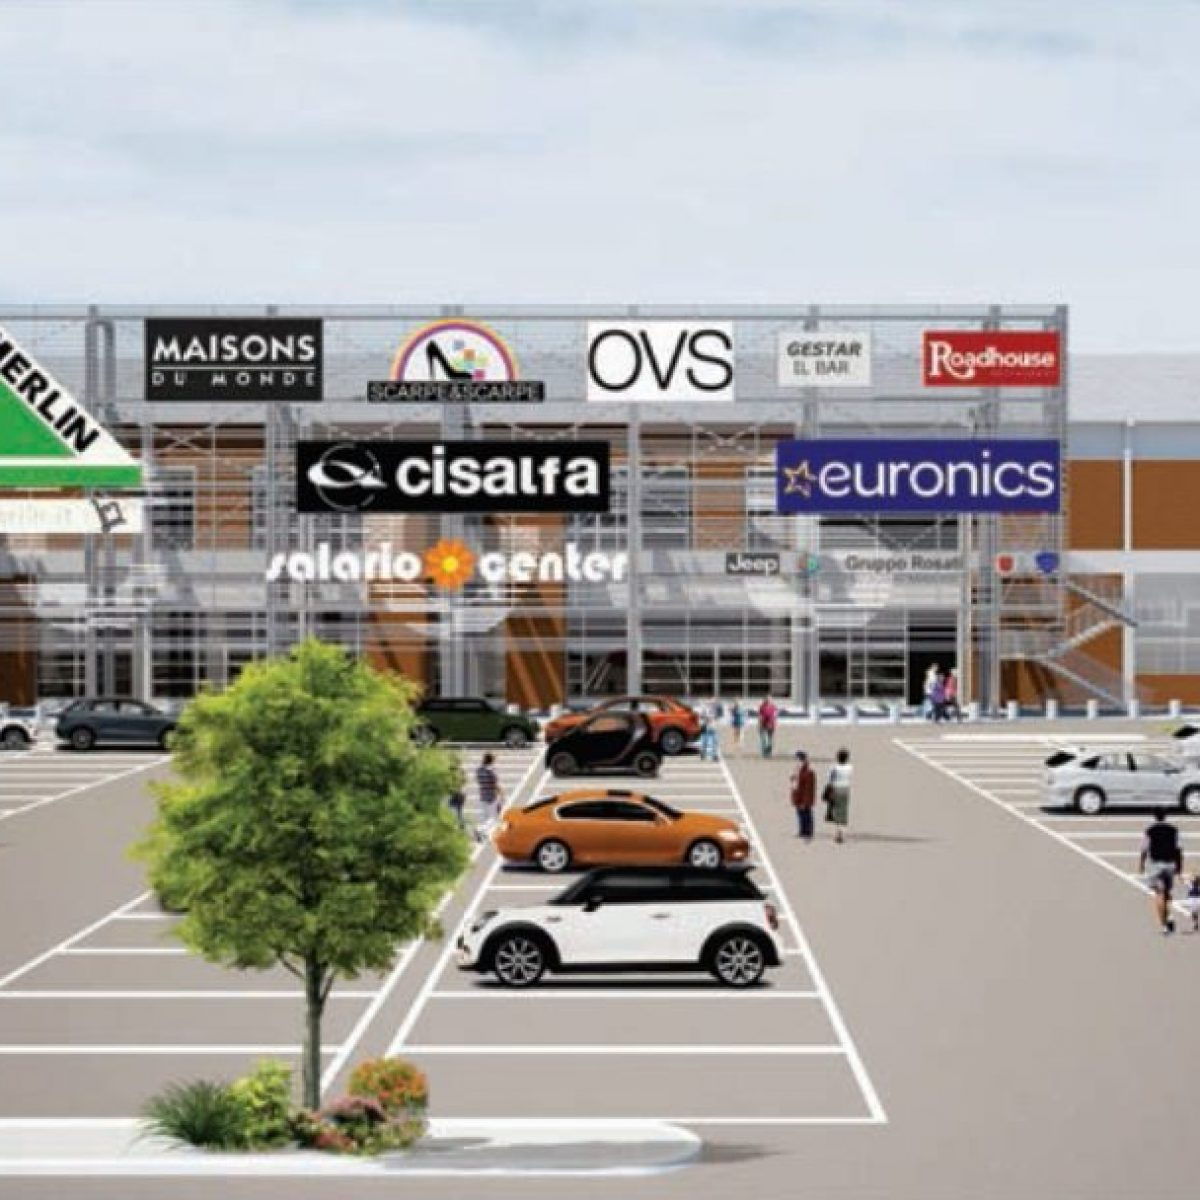 lusso il più economico scopri le ultime tendenze Salario Center: apre oggi un nuovo centro commerciale a Roma